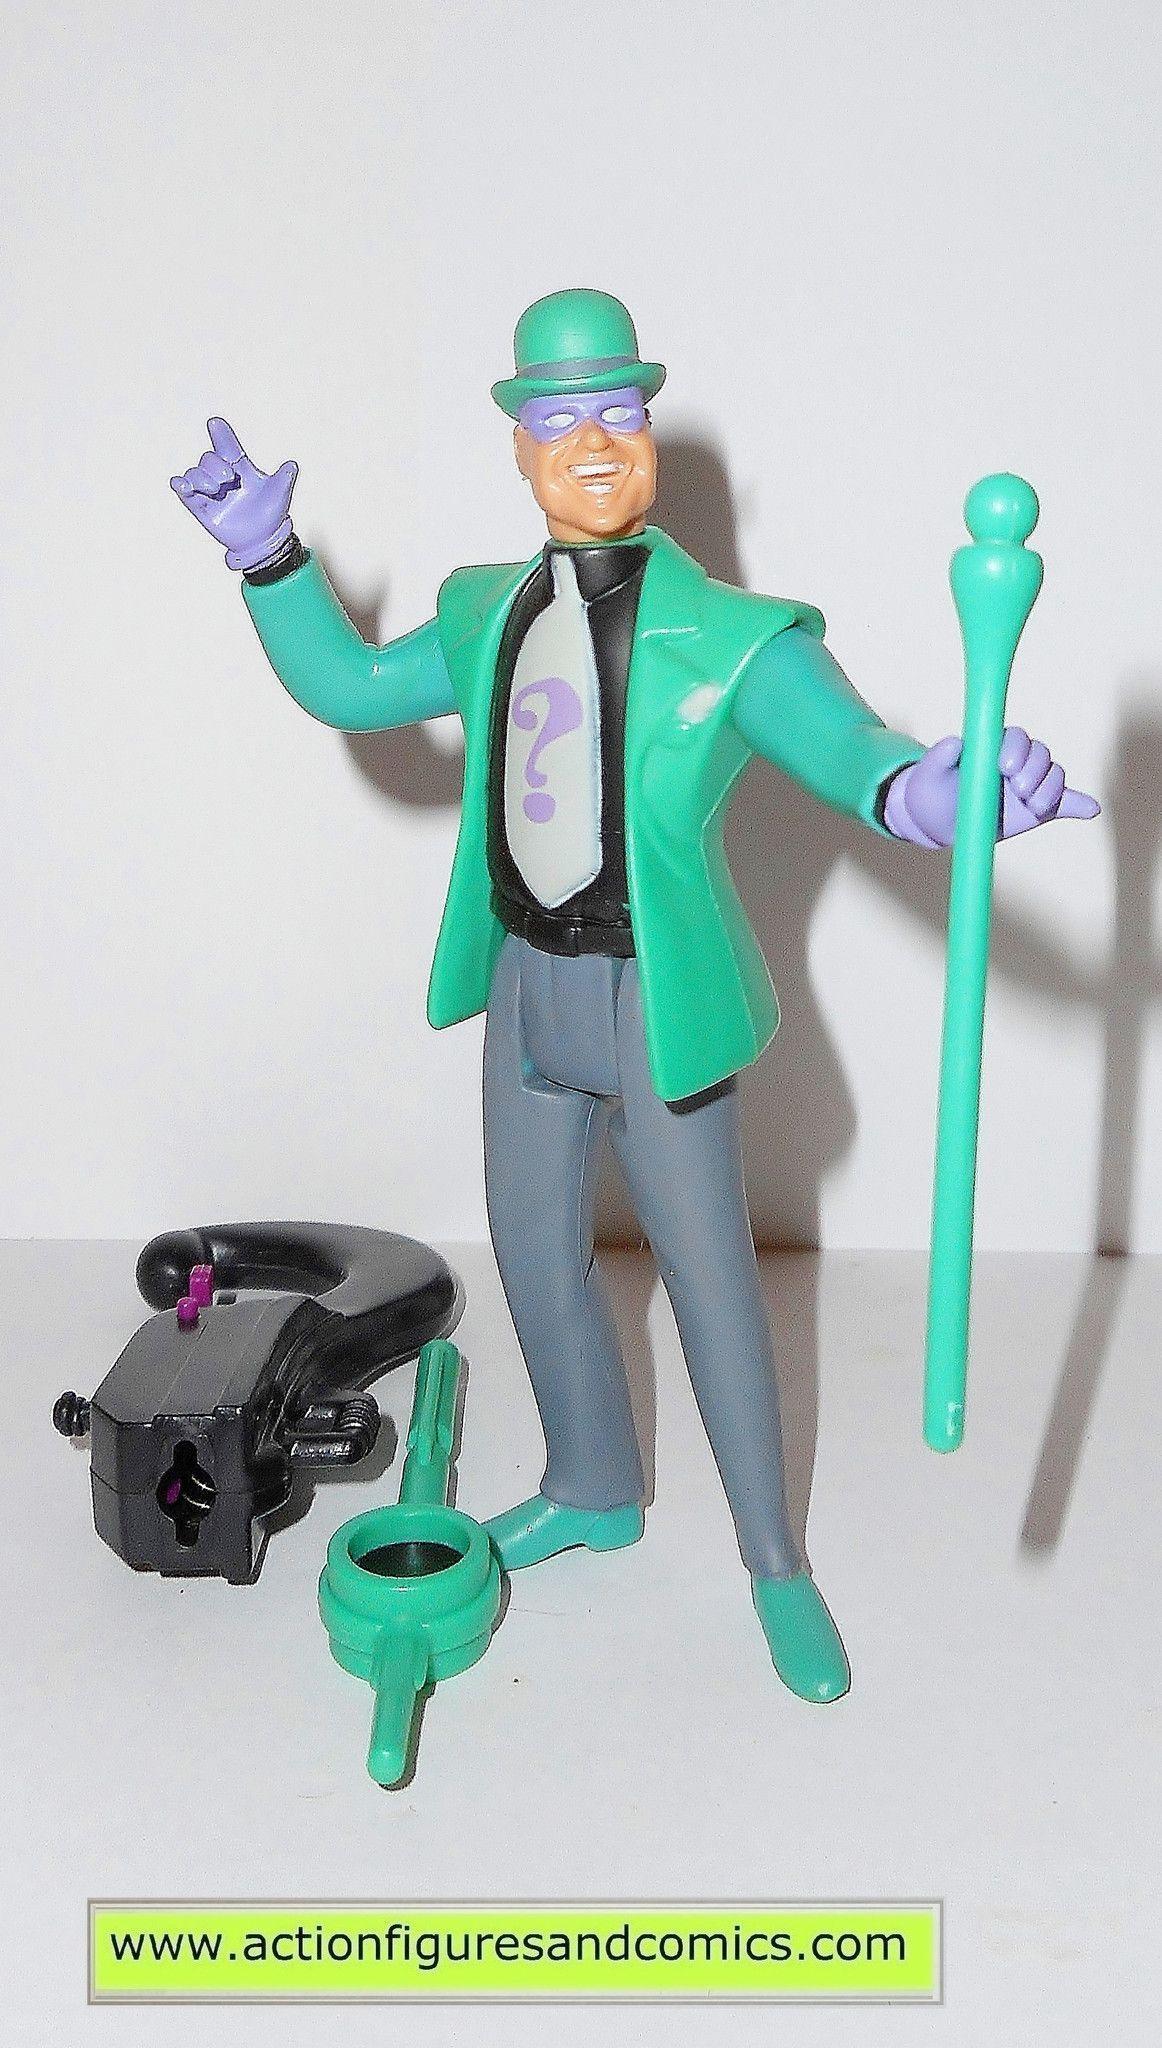 Batman Legends Weapon Riddler Launcher Kenner Original Figure Accessory